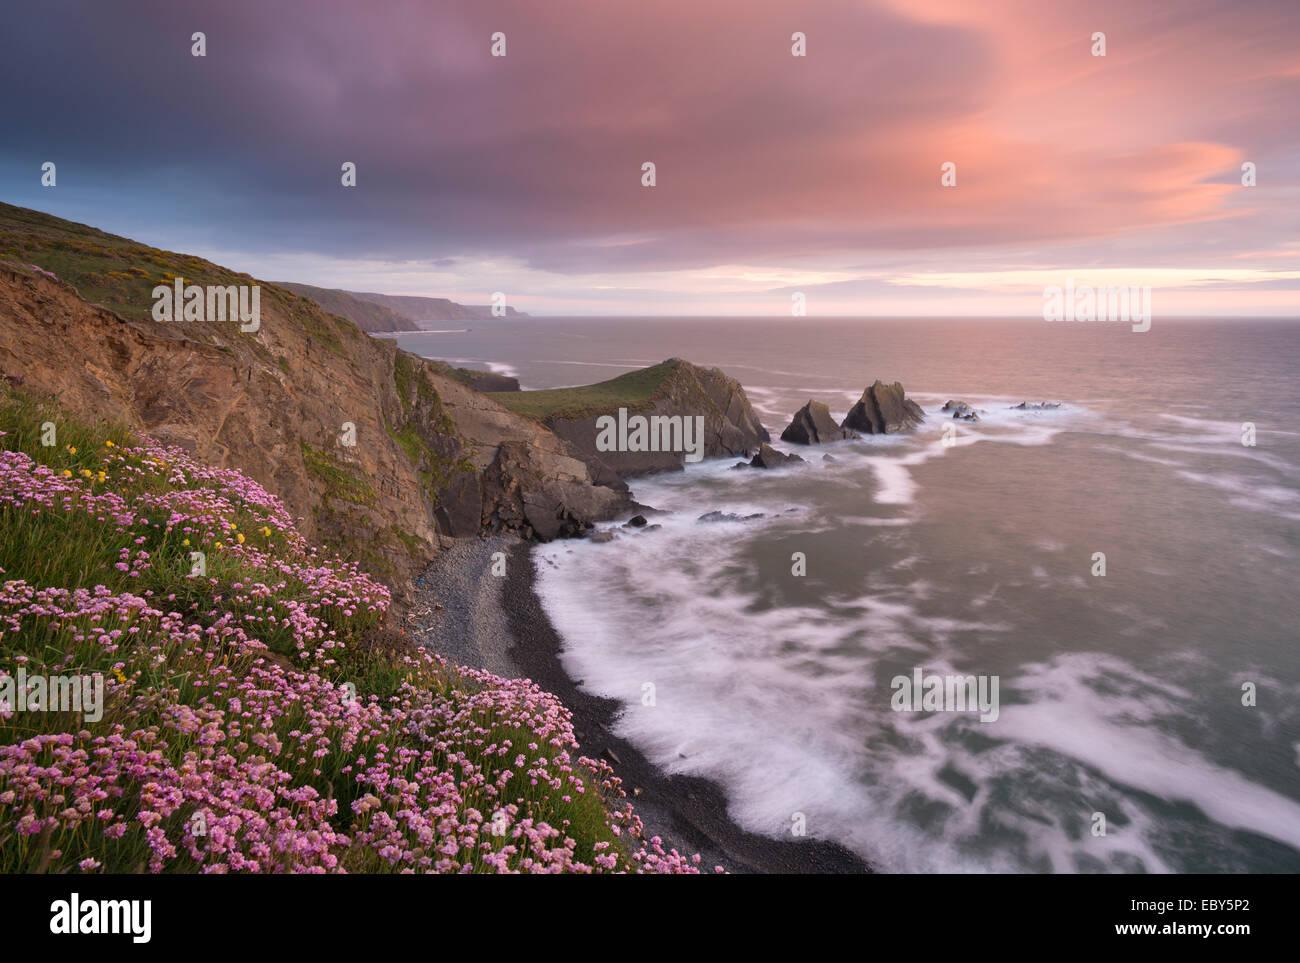 Mare di fiori di campo rosa fioritura sul clifftops a Hartland Quay, guardando verso il punto Screda, Devon, Inghilterra. Immagini Stock